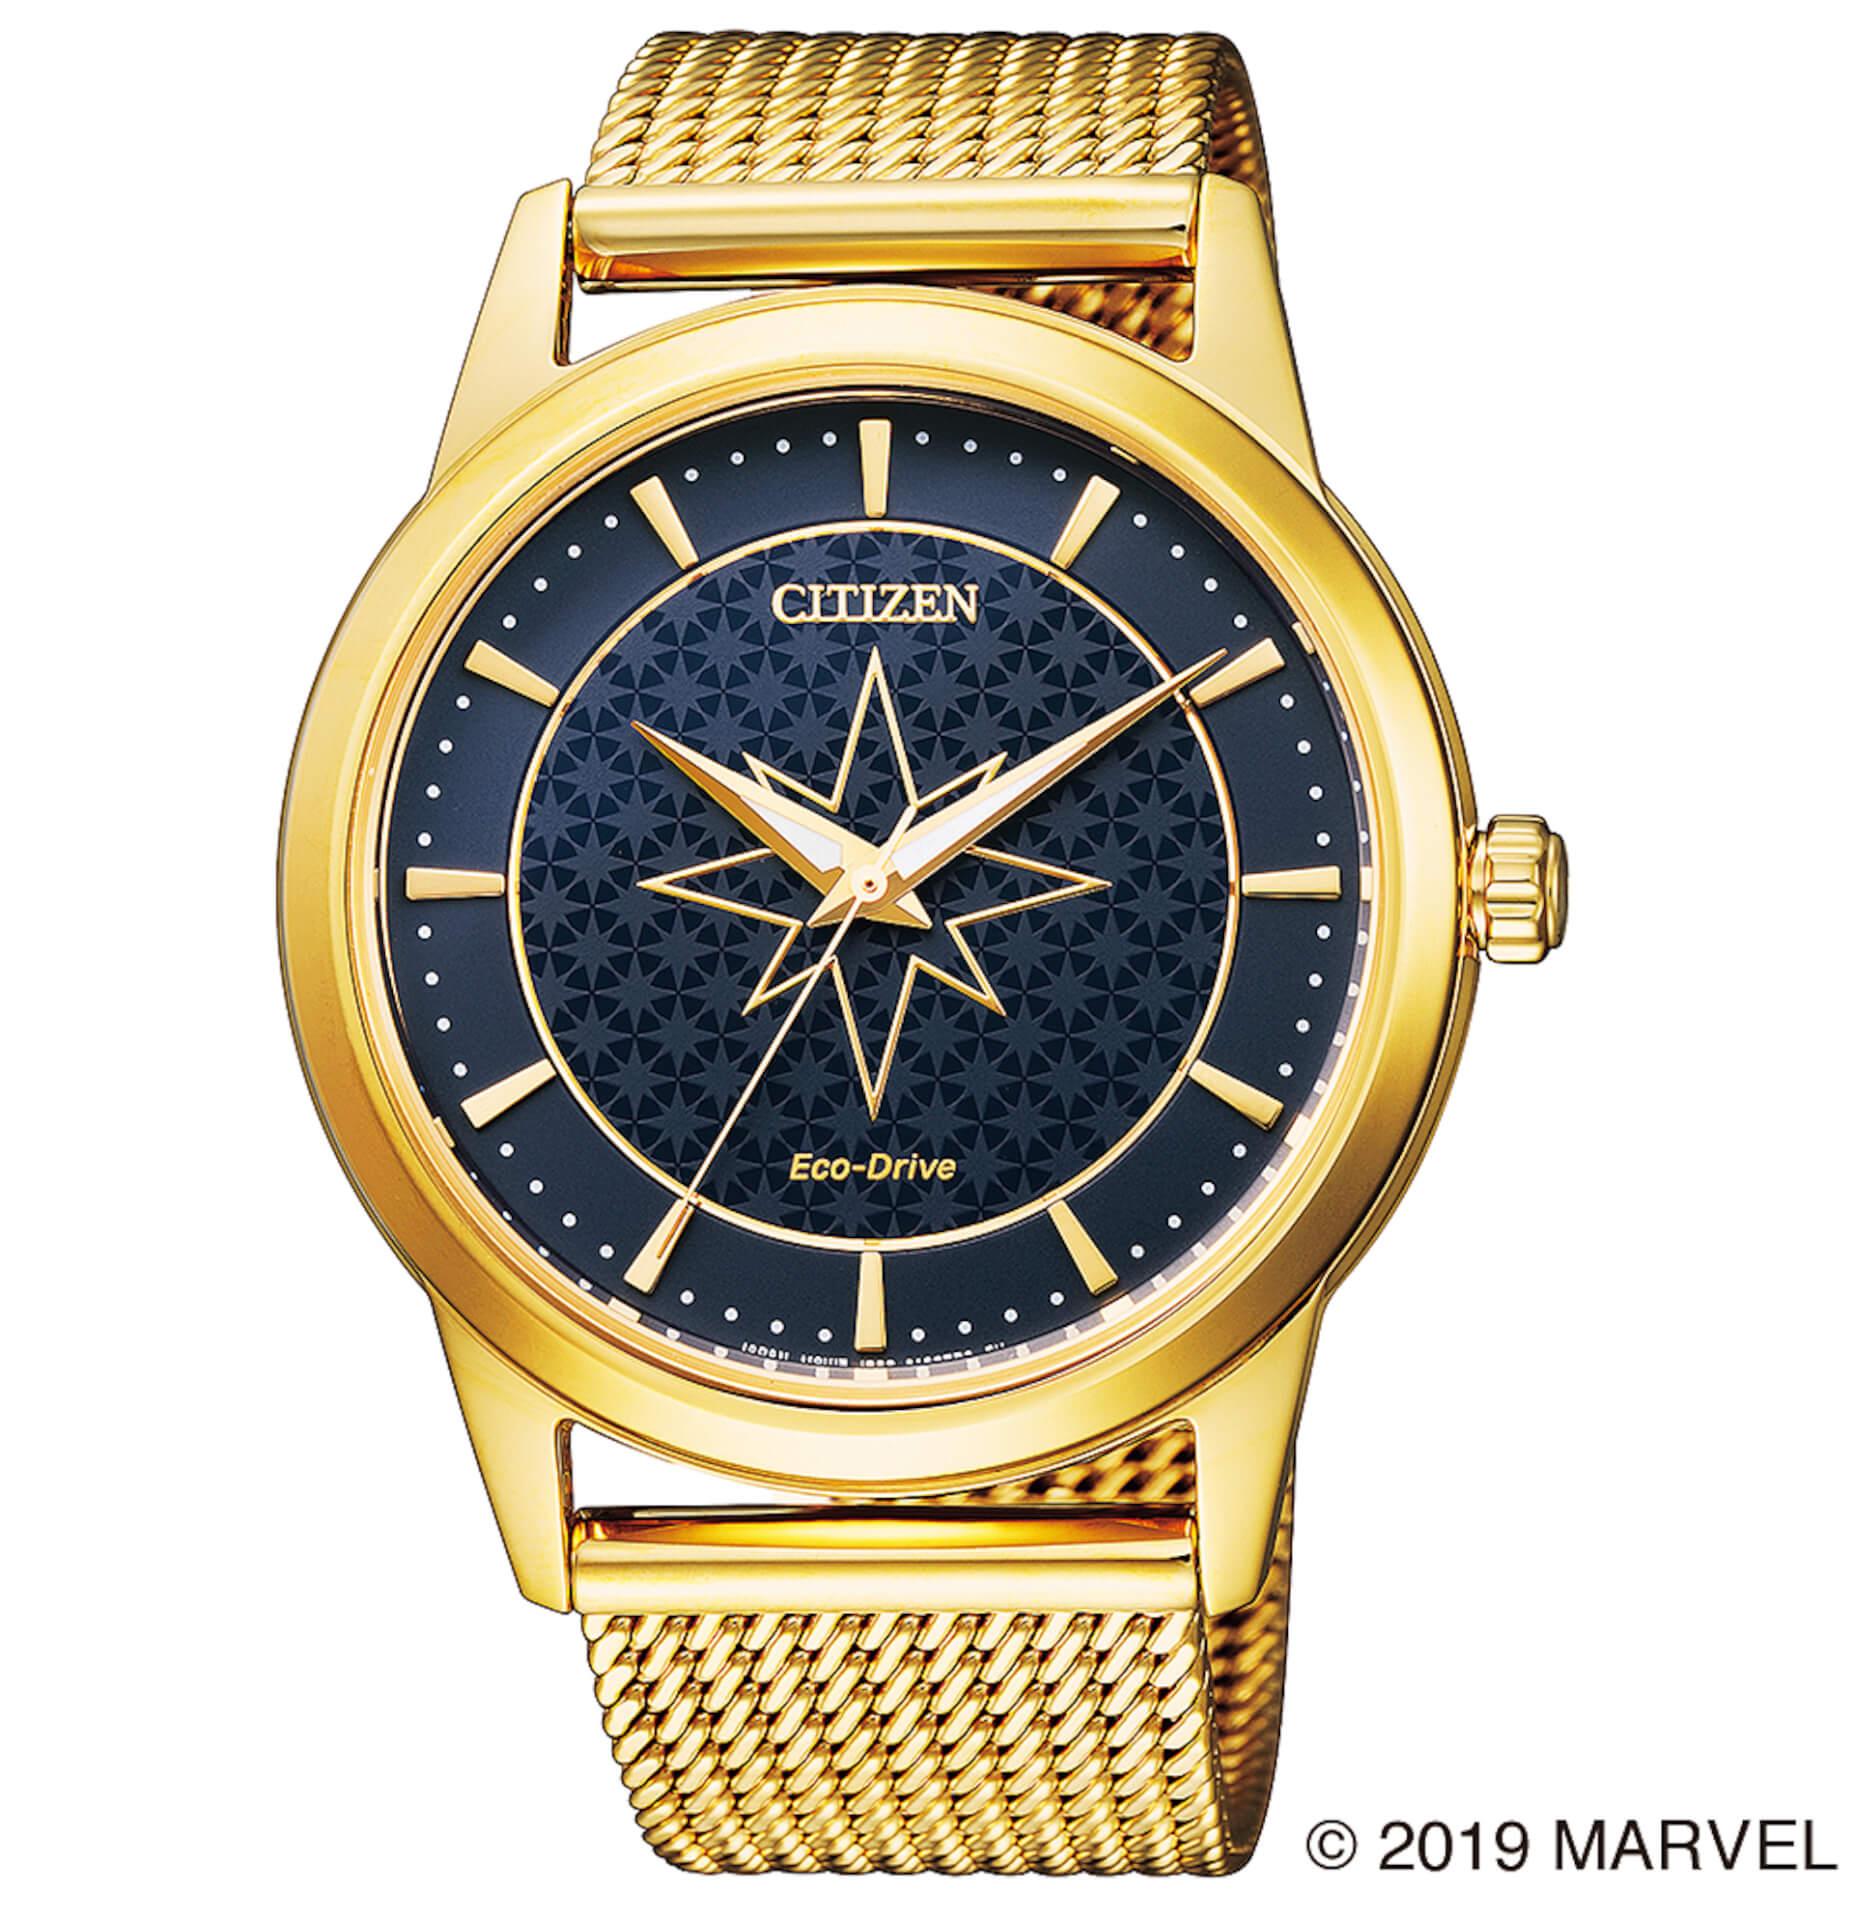 「スパイダーマン」や「キャプテン・アメリカ」が腕時計に!マーベルキャラクターをモチーフにしたシチズン腕時計全9モデルが登場 tech190919_marvel_watch_7